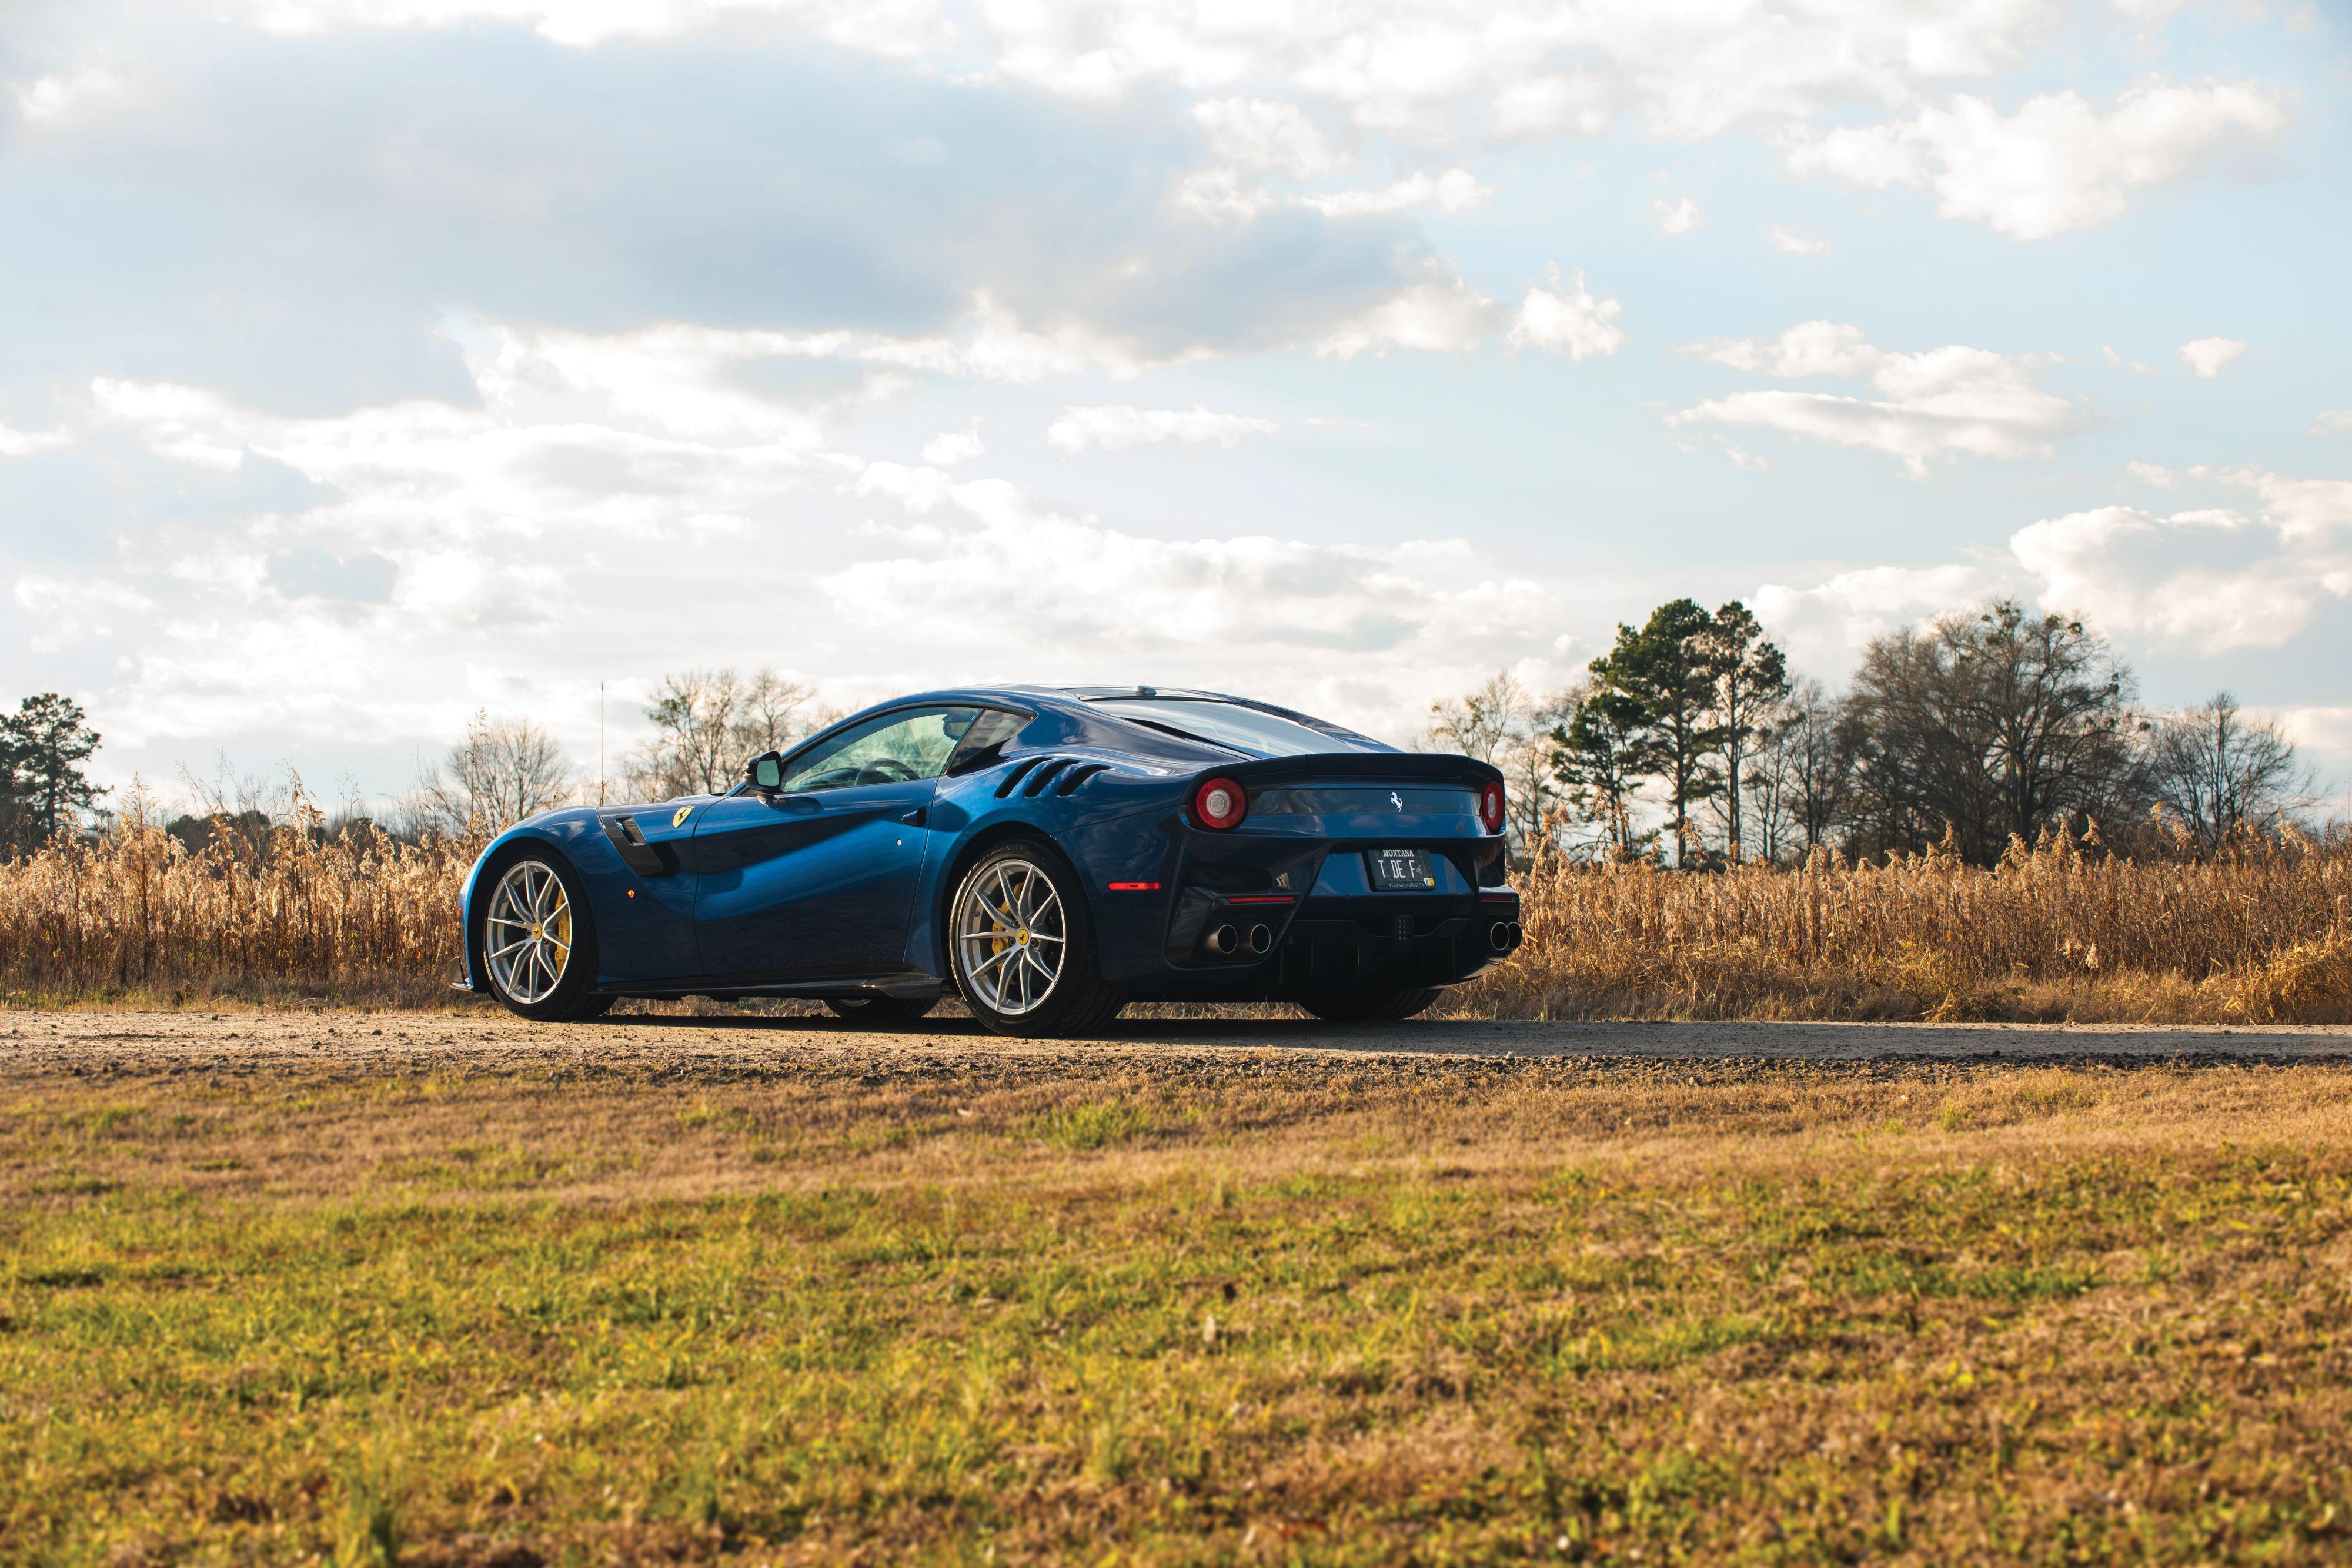 Ferrari F12 tdf in Blau